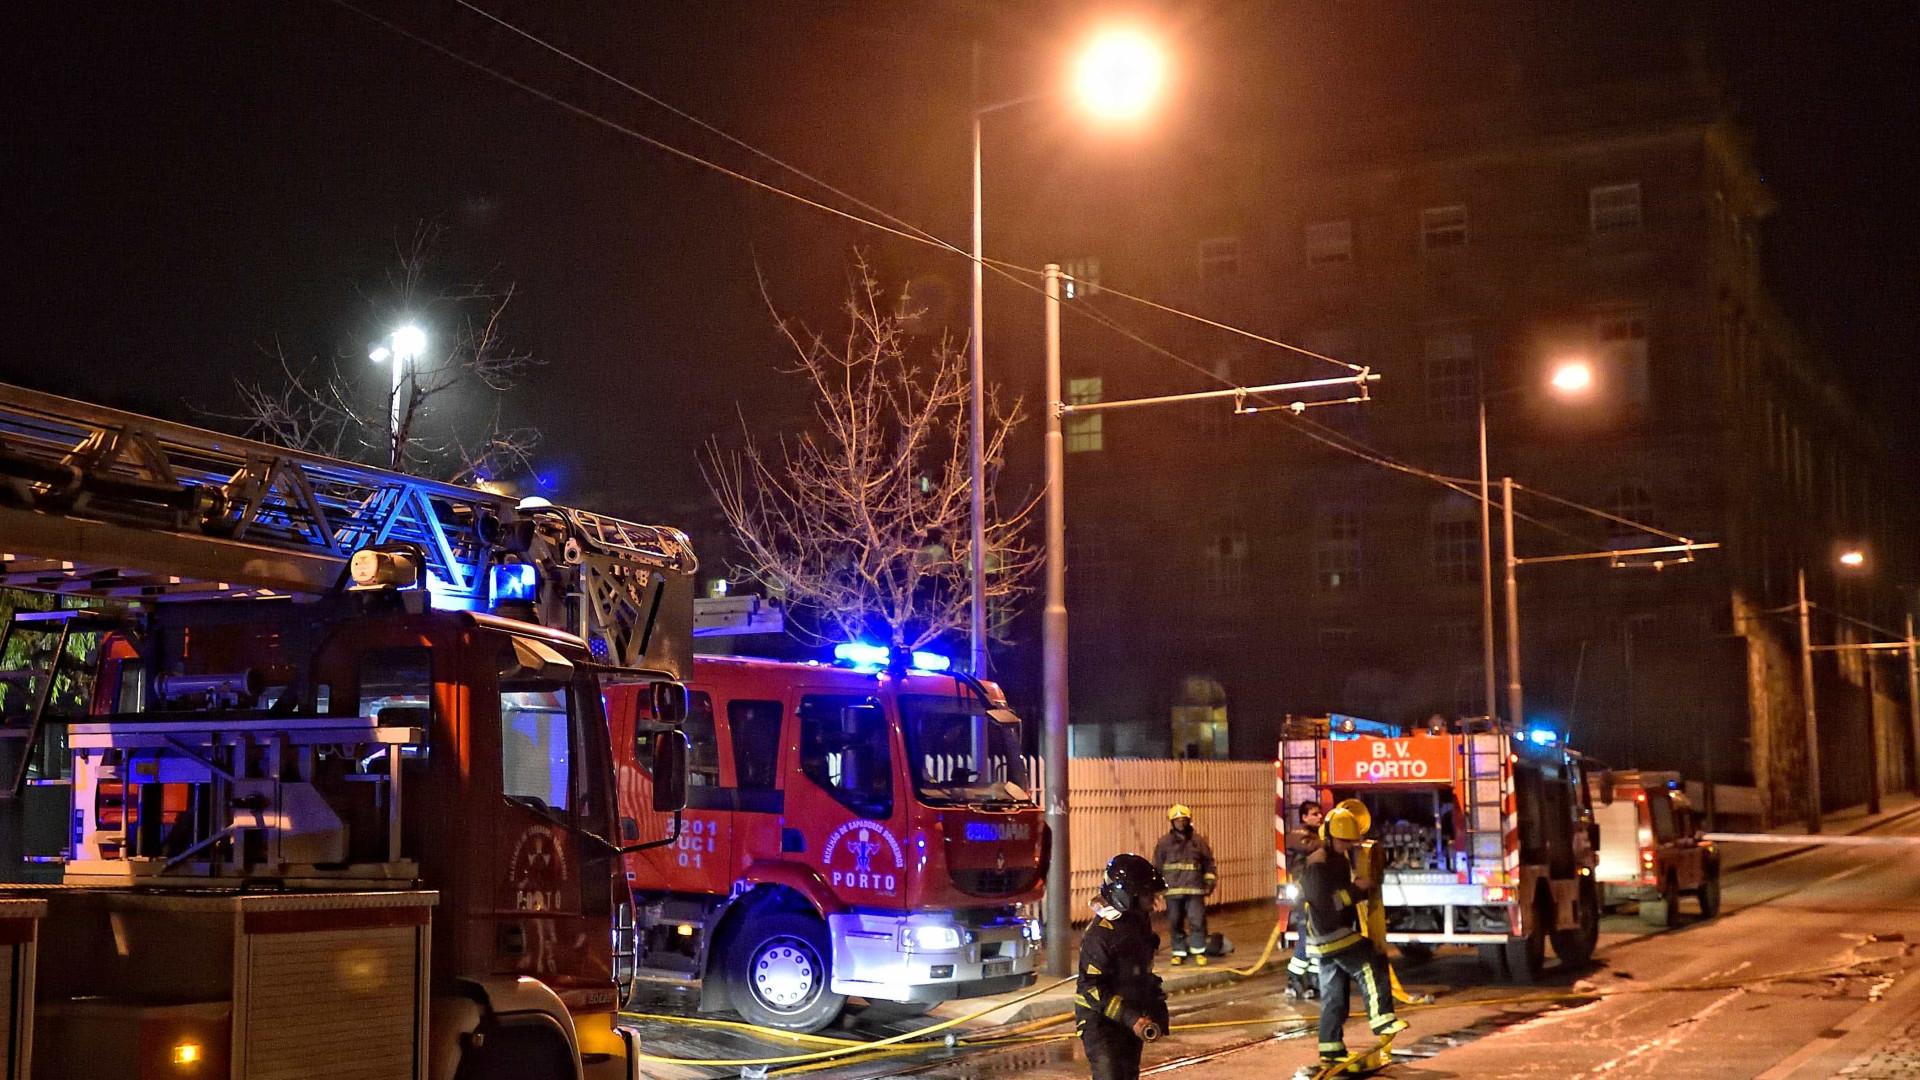 Parte das cirurgias no Santo António canceladas devido a incêndio